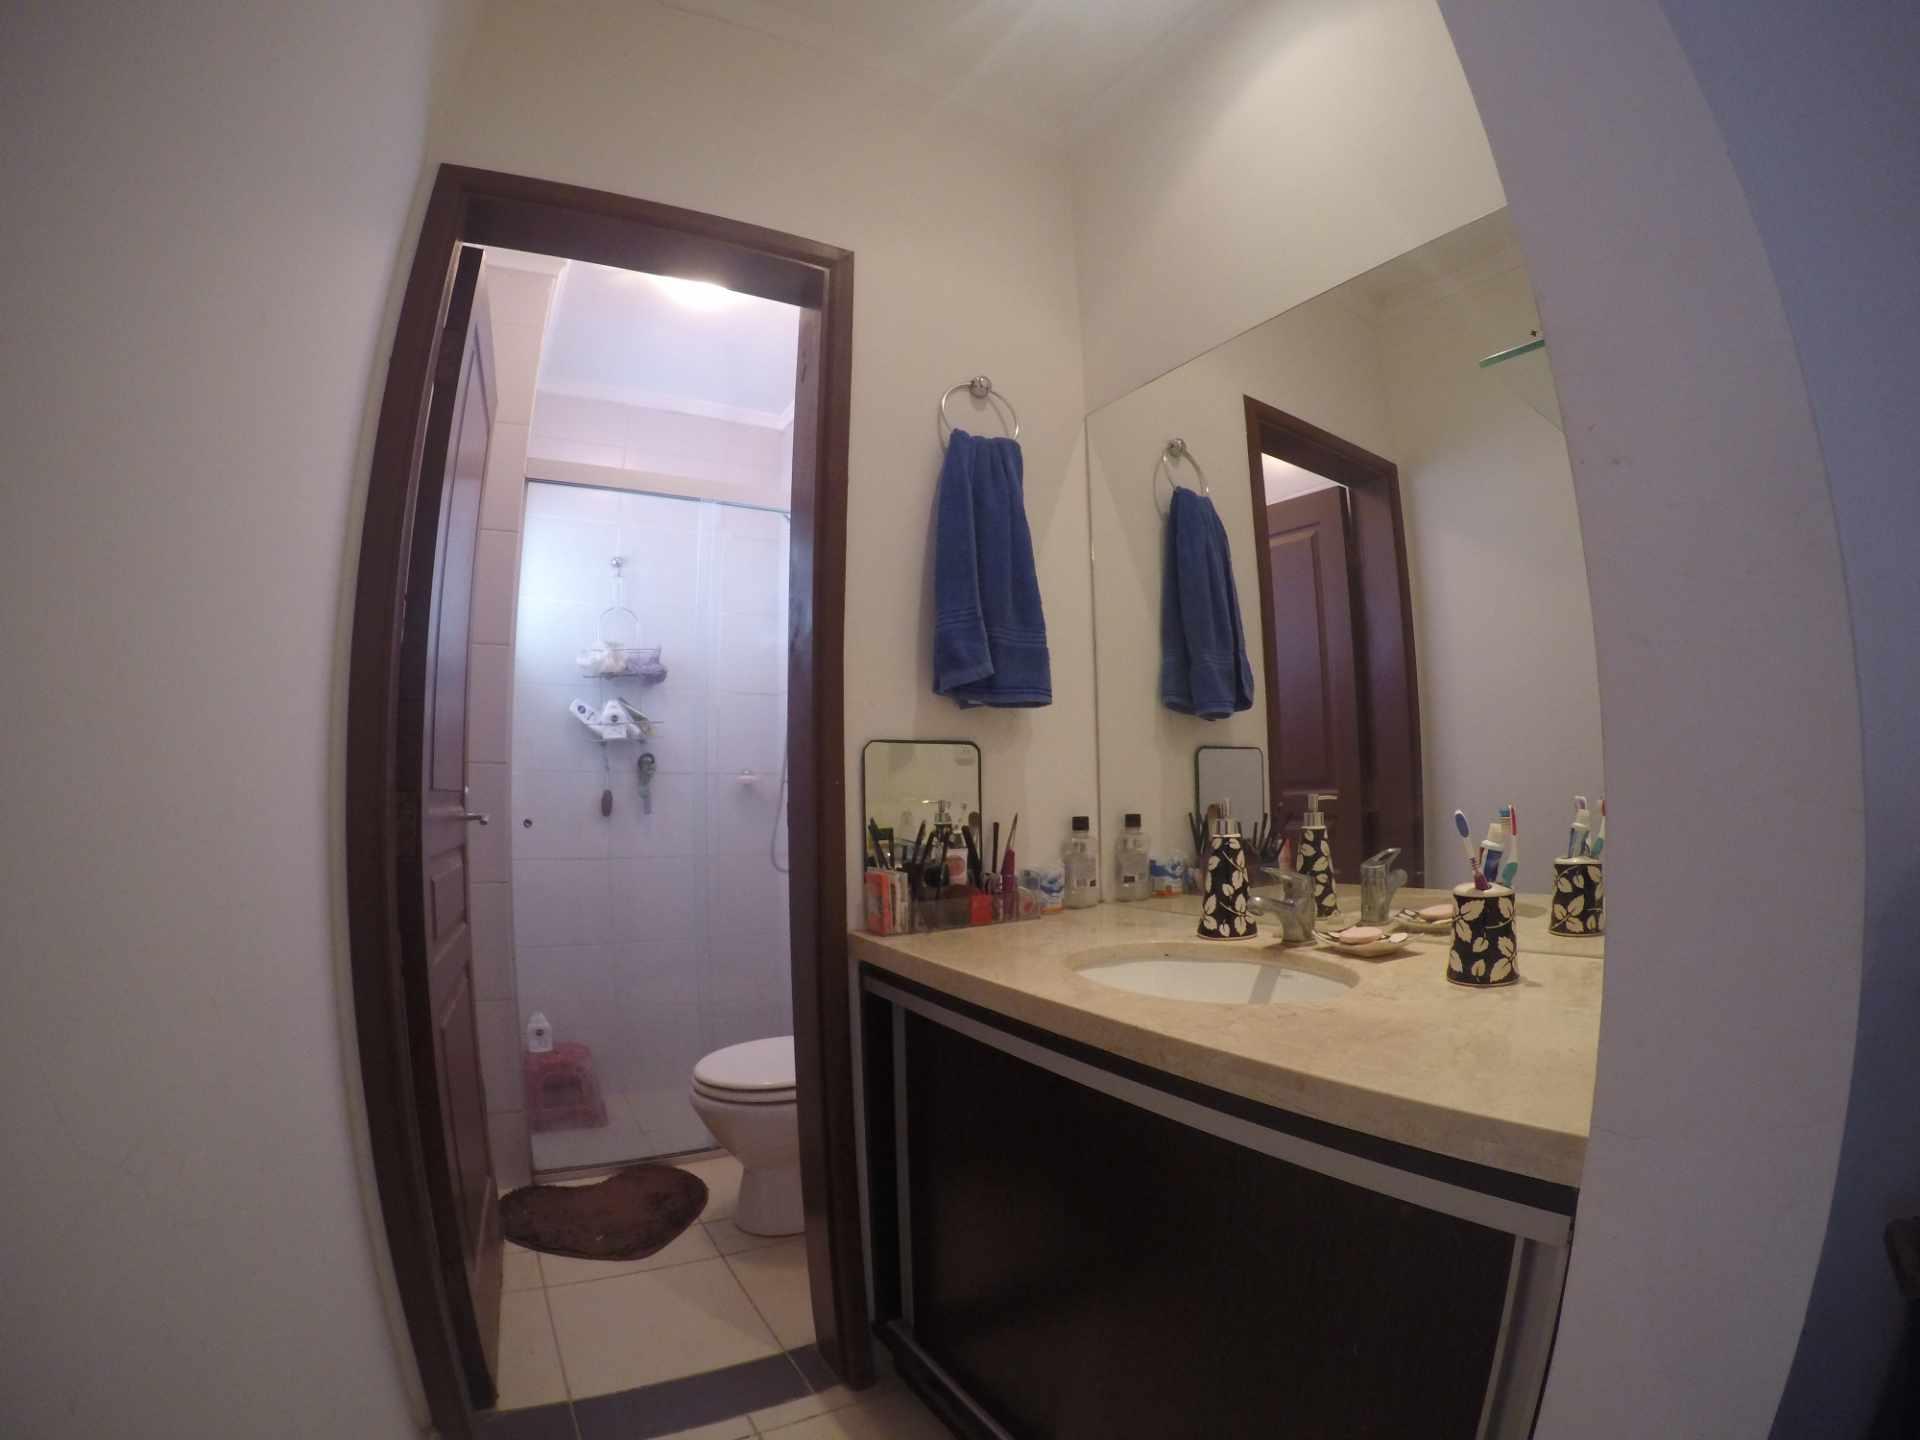 Casa en Alquiler Condominio Versalles [Km. 8 1/2 al Norte, próximo a Colegio Cambridge], Casa amoblada en alquiler de 2 dormitorios (1 en suite), con depósito, churrasquera y parqueo. [500$us., expensas incluidas] Foto 10